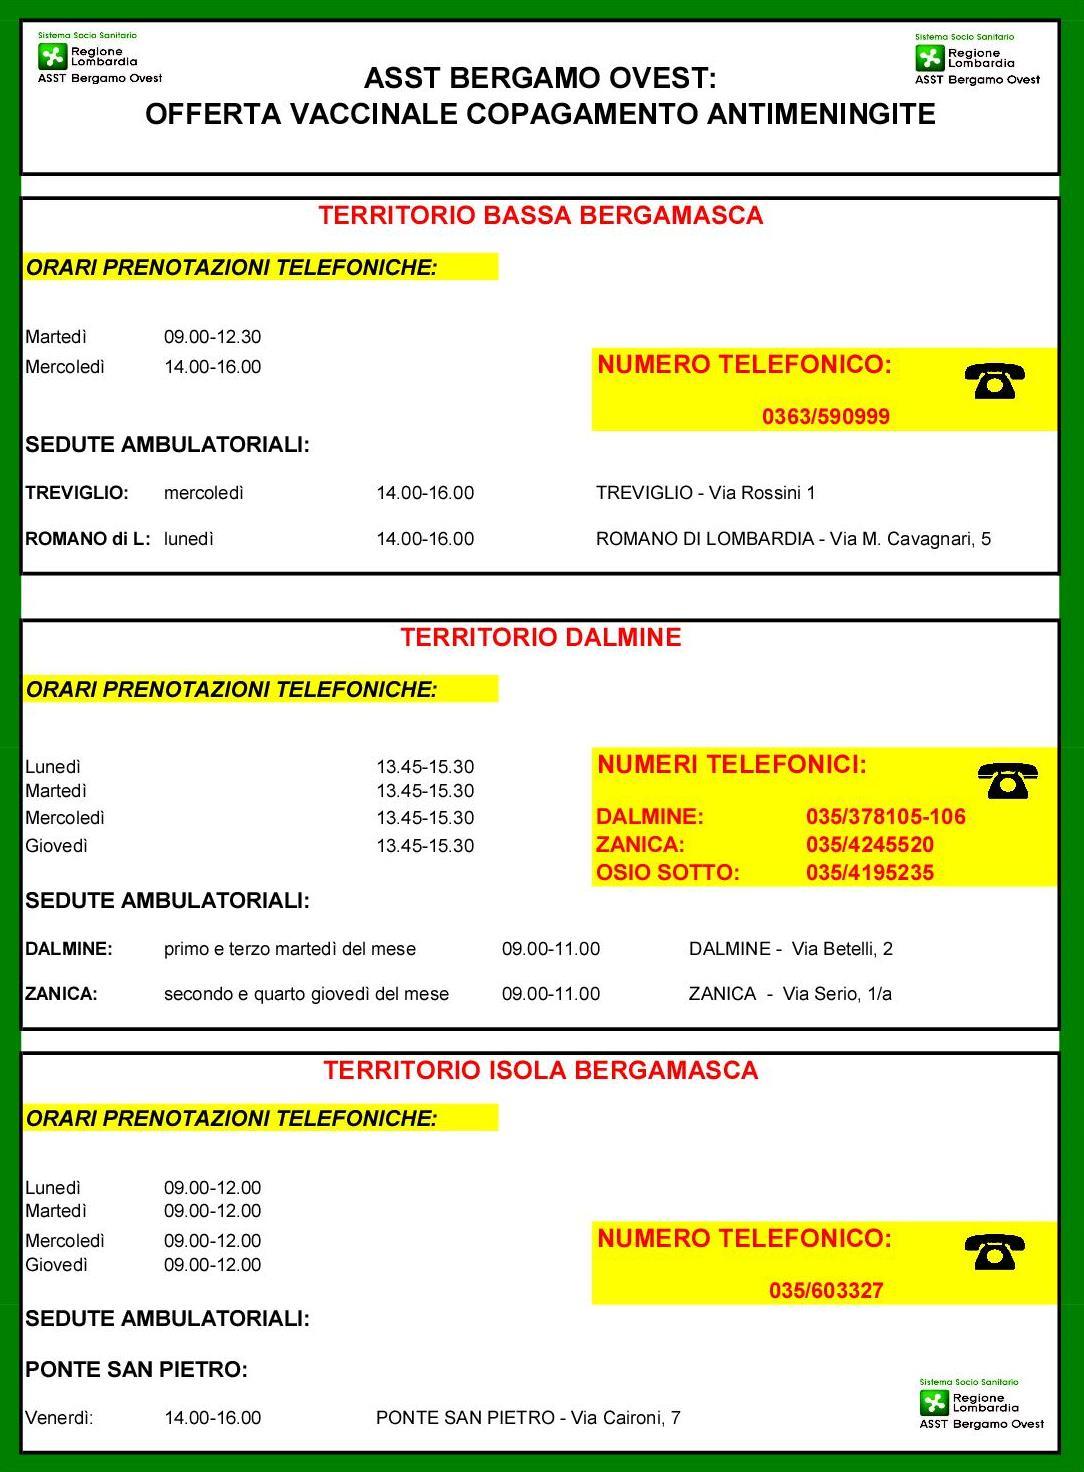 Calendario Vaccini Neonati.Vaccini